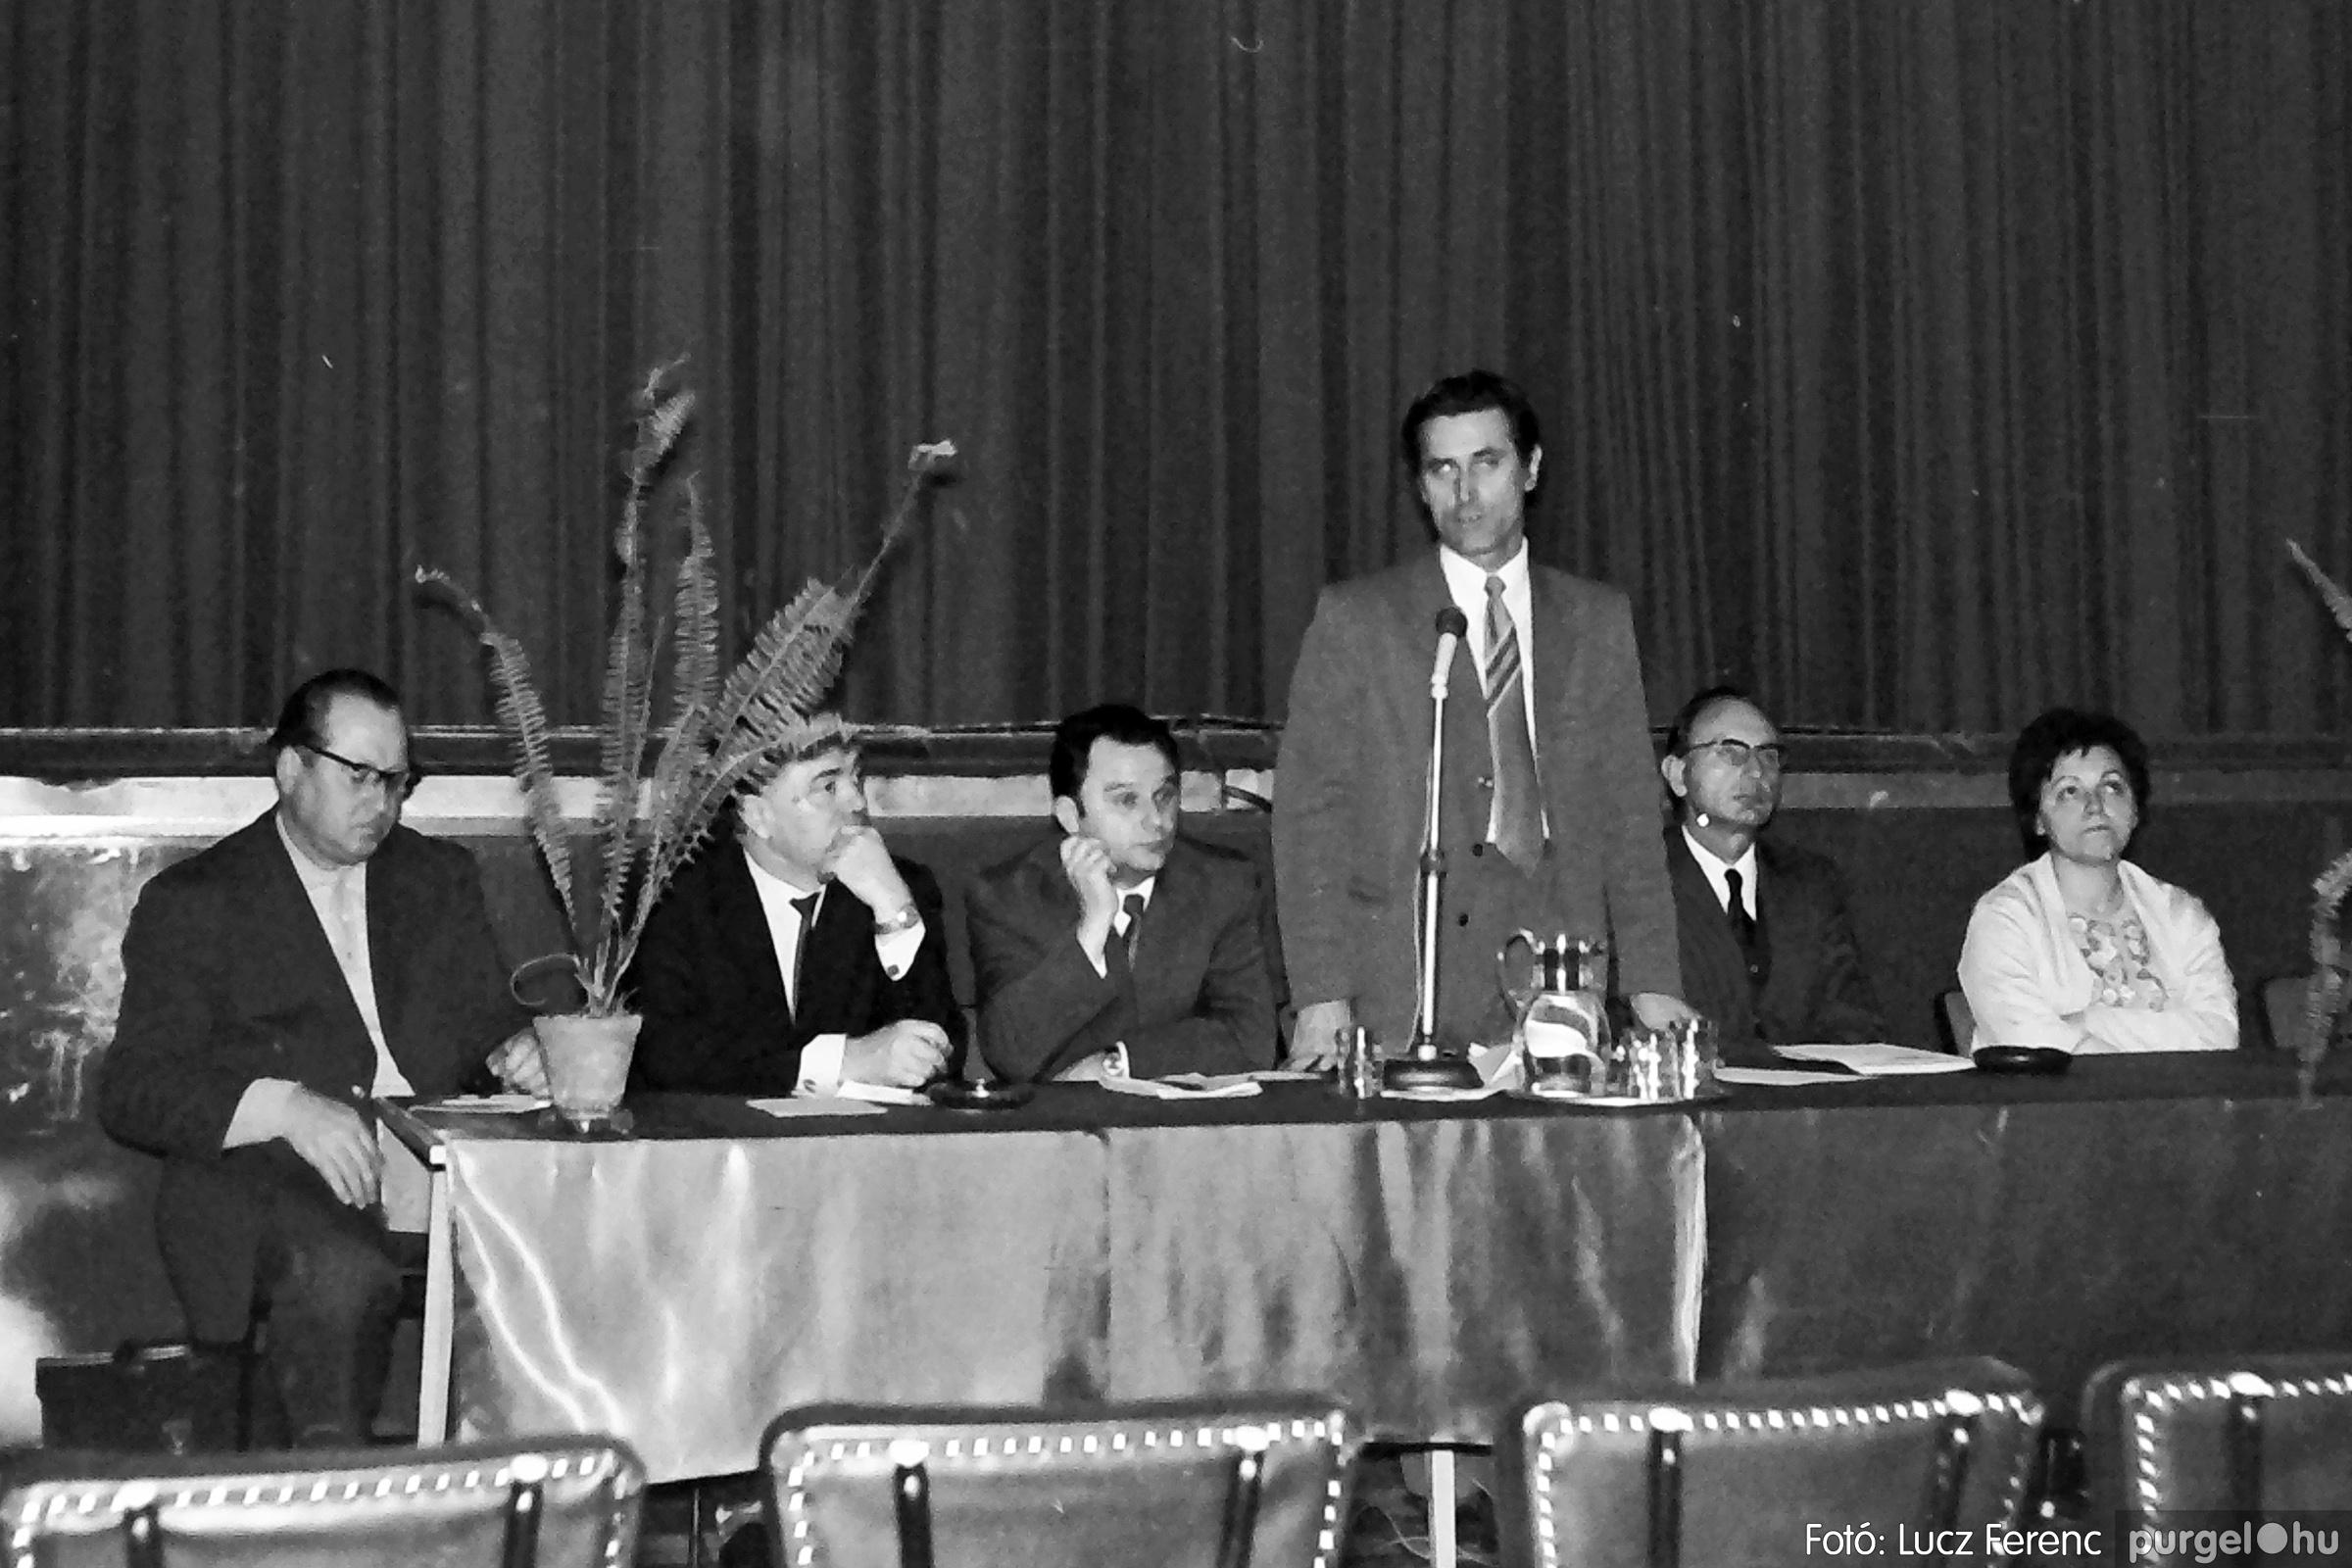 043. 1976. Rendezvény a kultúrházban 006. - Fotó: Lucz Ferenc - IMG00283q.jpg